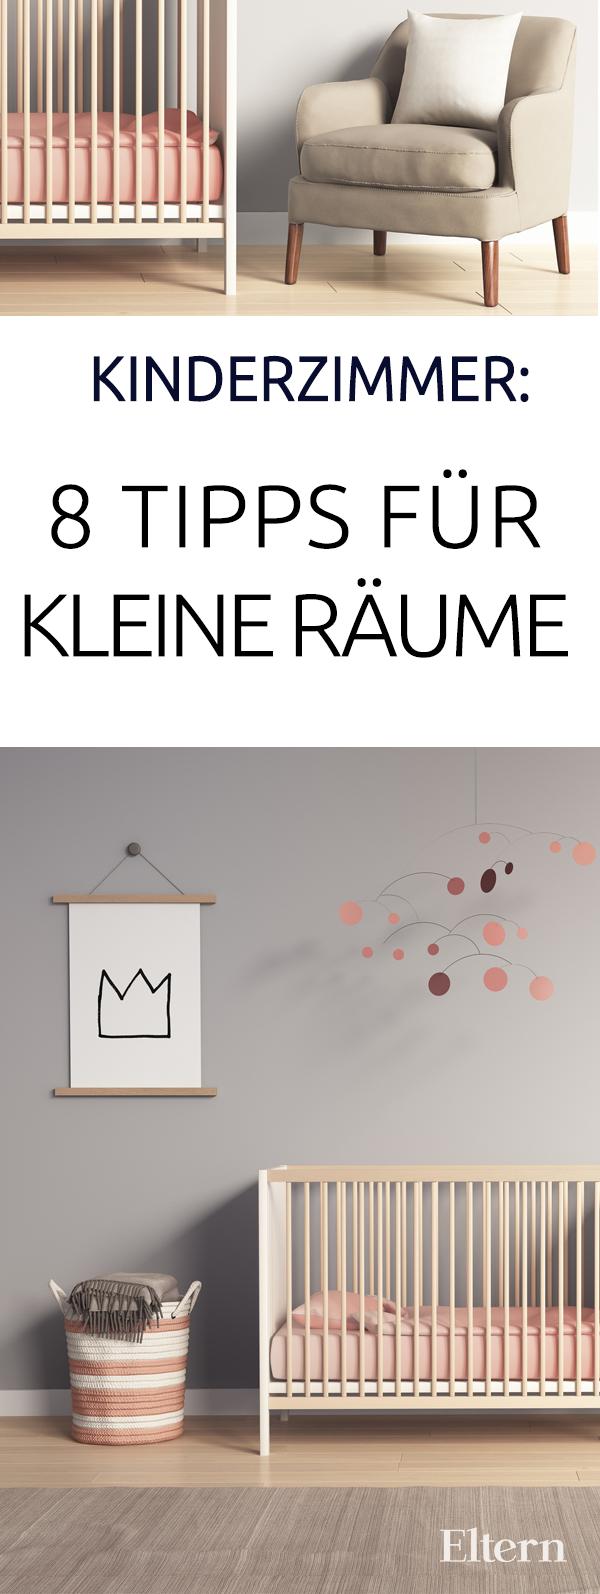 acht tipps f r kleine r ume spielen kinderzimmer und tipps. Black Bedroom Furniture Sets. Home Design Ideas